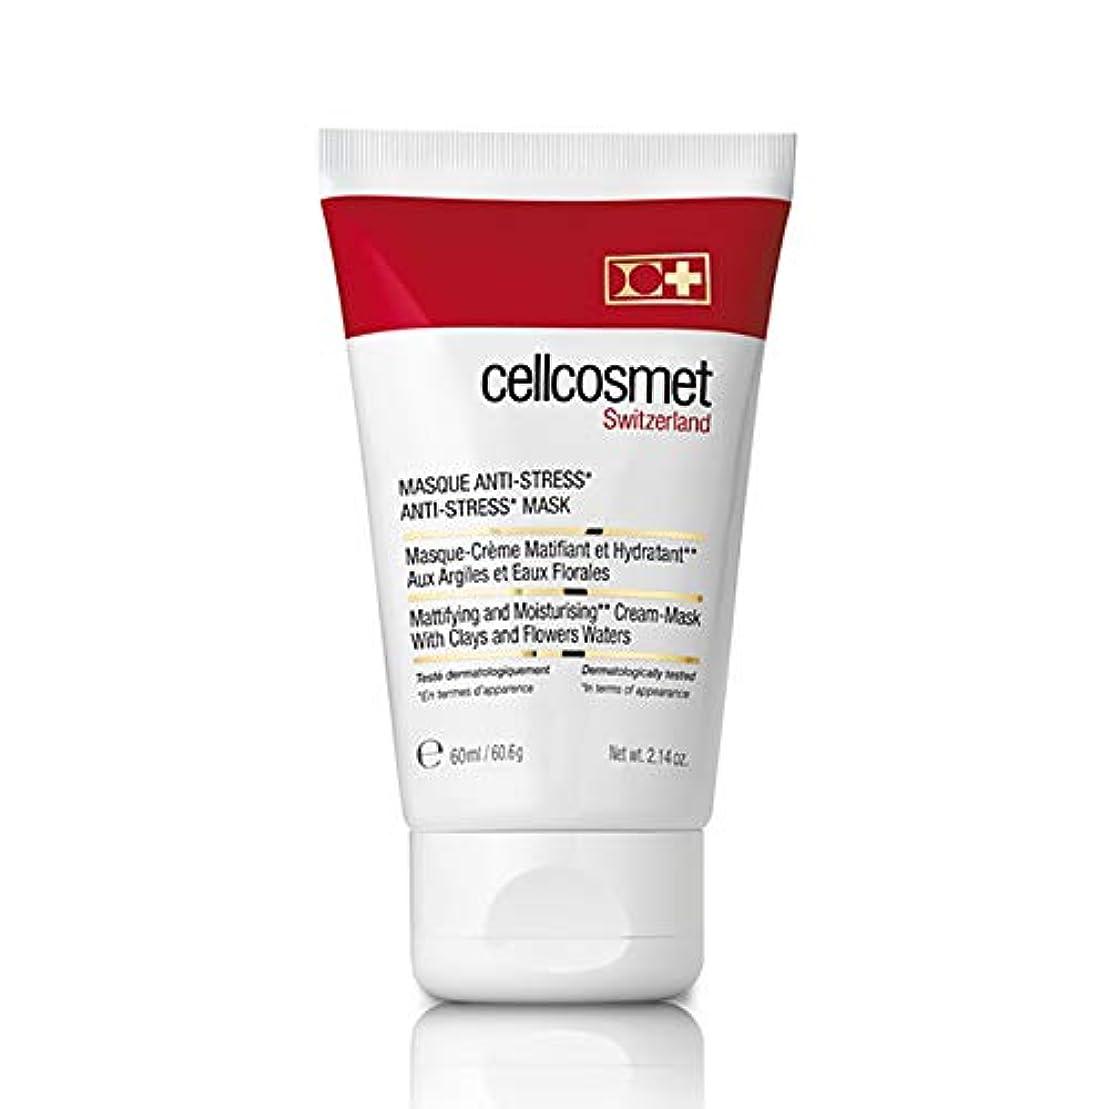 森林家庭谷セルコスメ & セルメン Cellcosmet Anti-Stress Mask - Ideal For Stressed, Sensitive or Reactive Skin 60ml/2.14oz並行輸入品